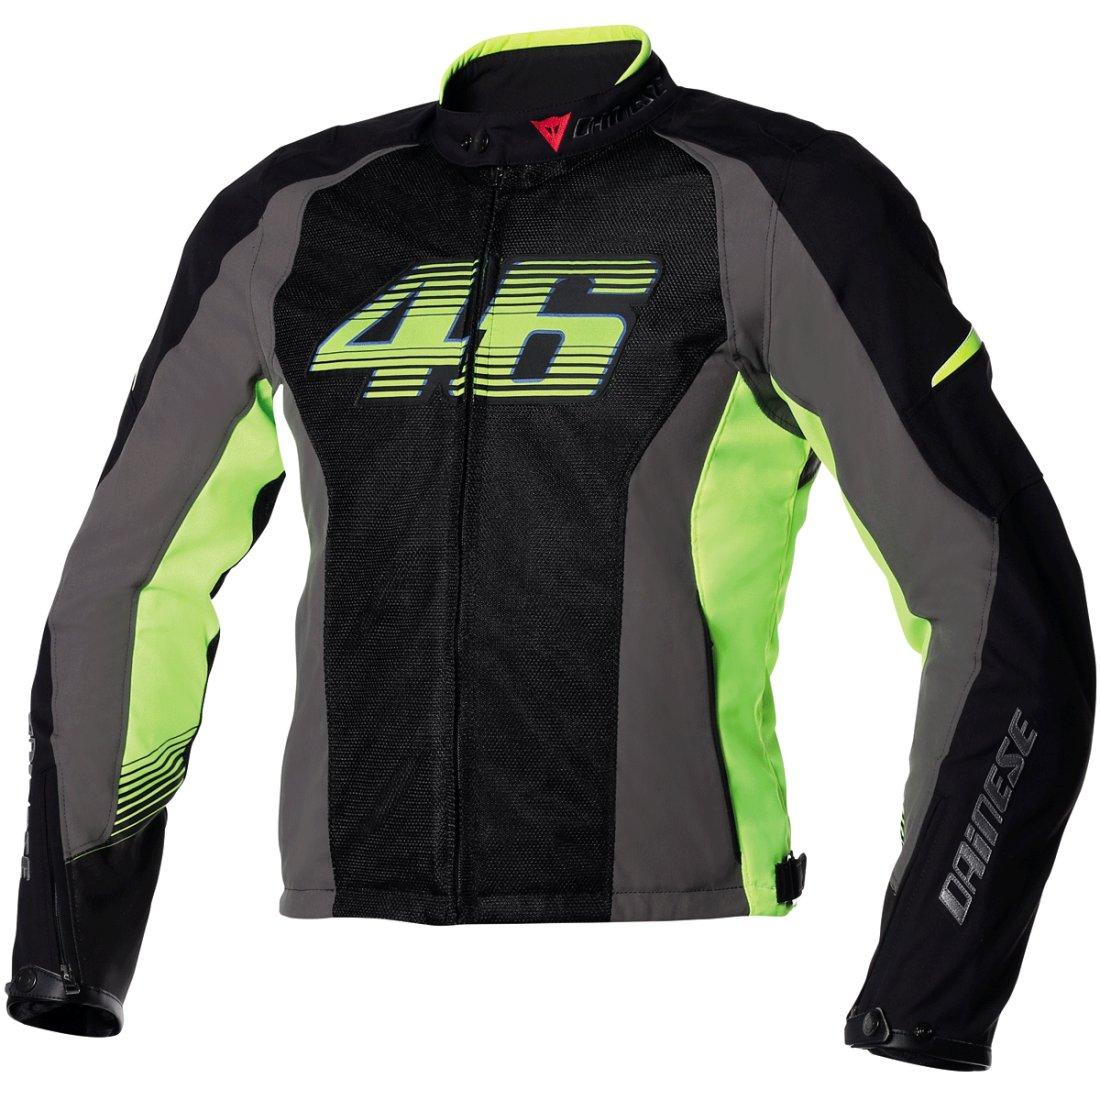 271 Chaquetas para moto de carretera DAINESE · Motocard ad7acf44894